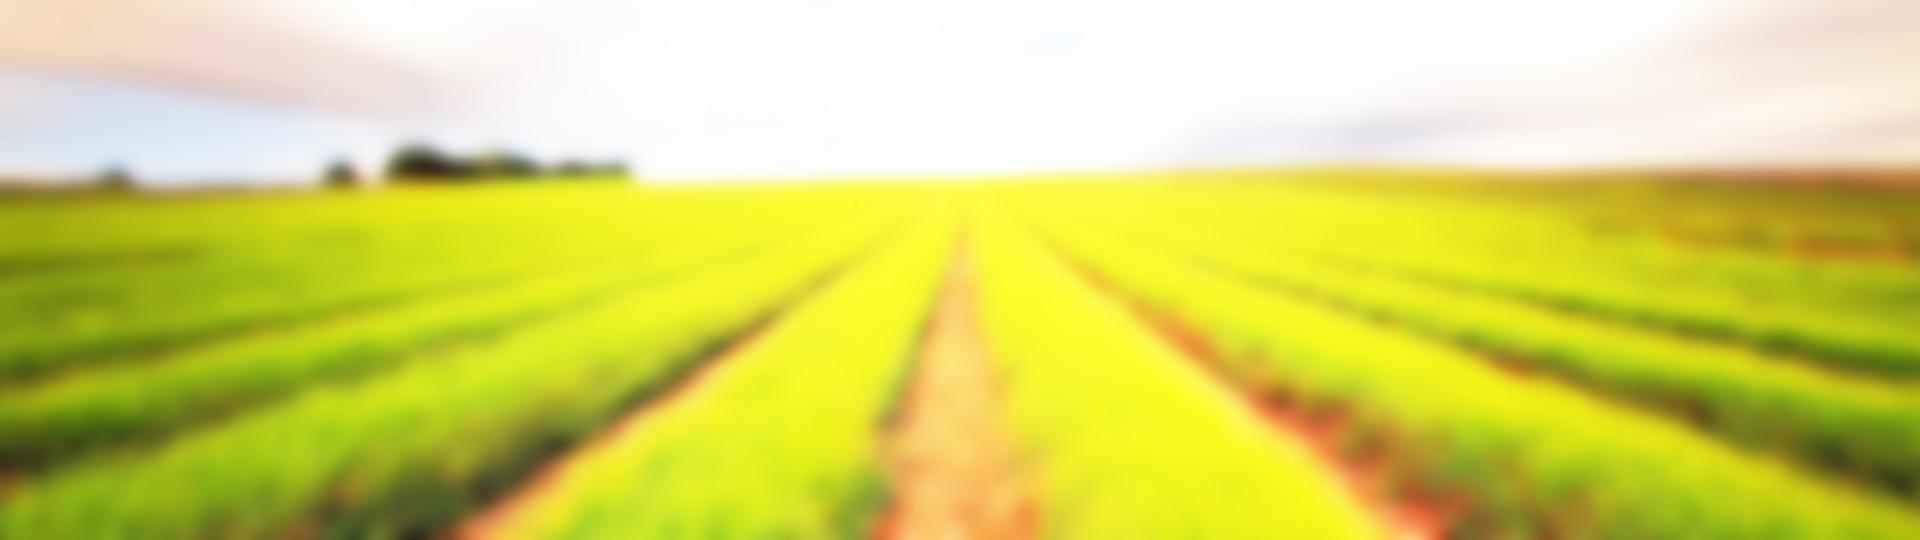 1118613-1920x1080-Field-Landscape1